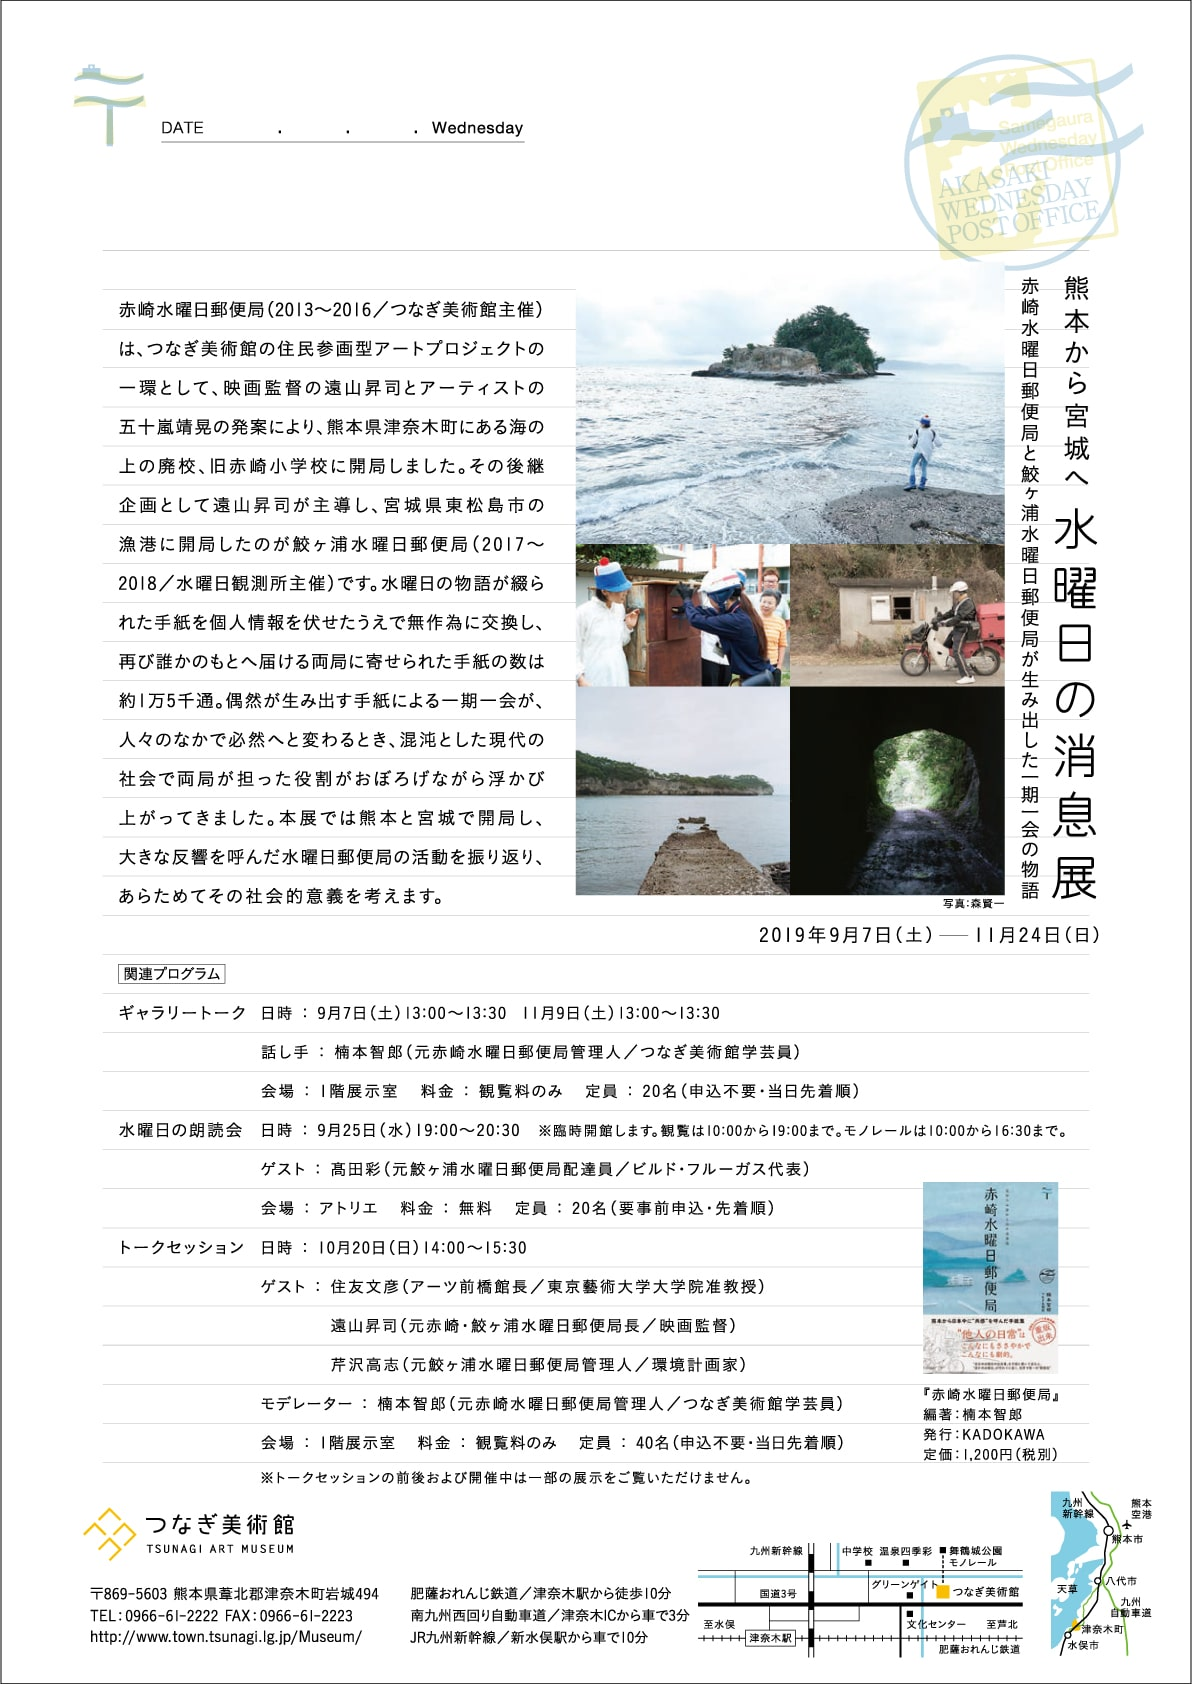 熊本から宮城へ 水曜日の消息展チラシ1